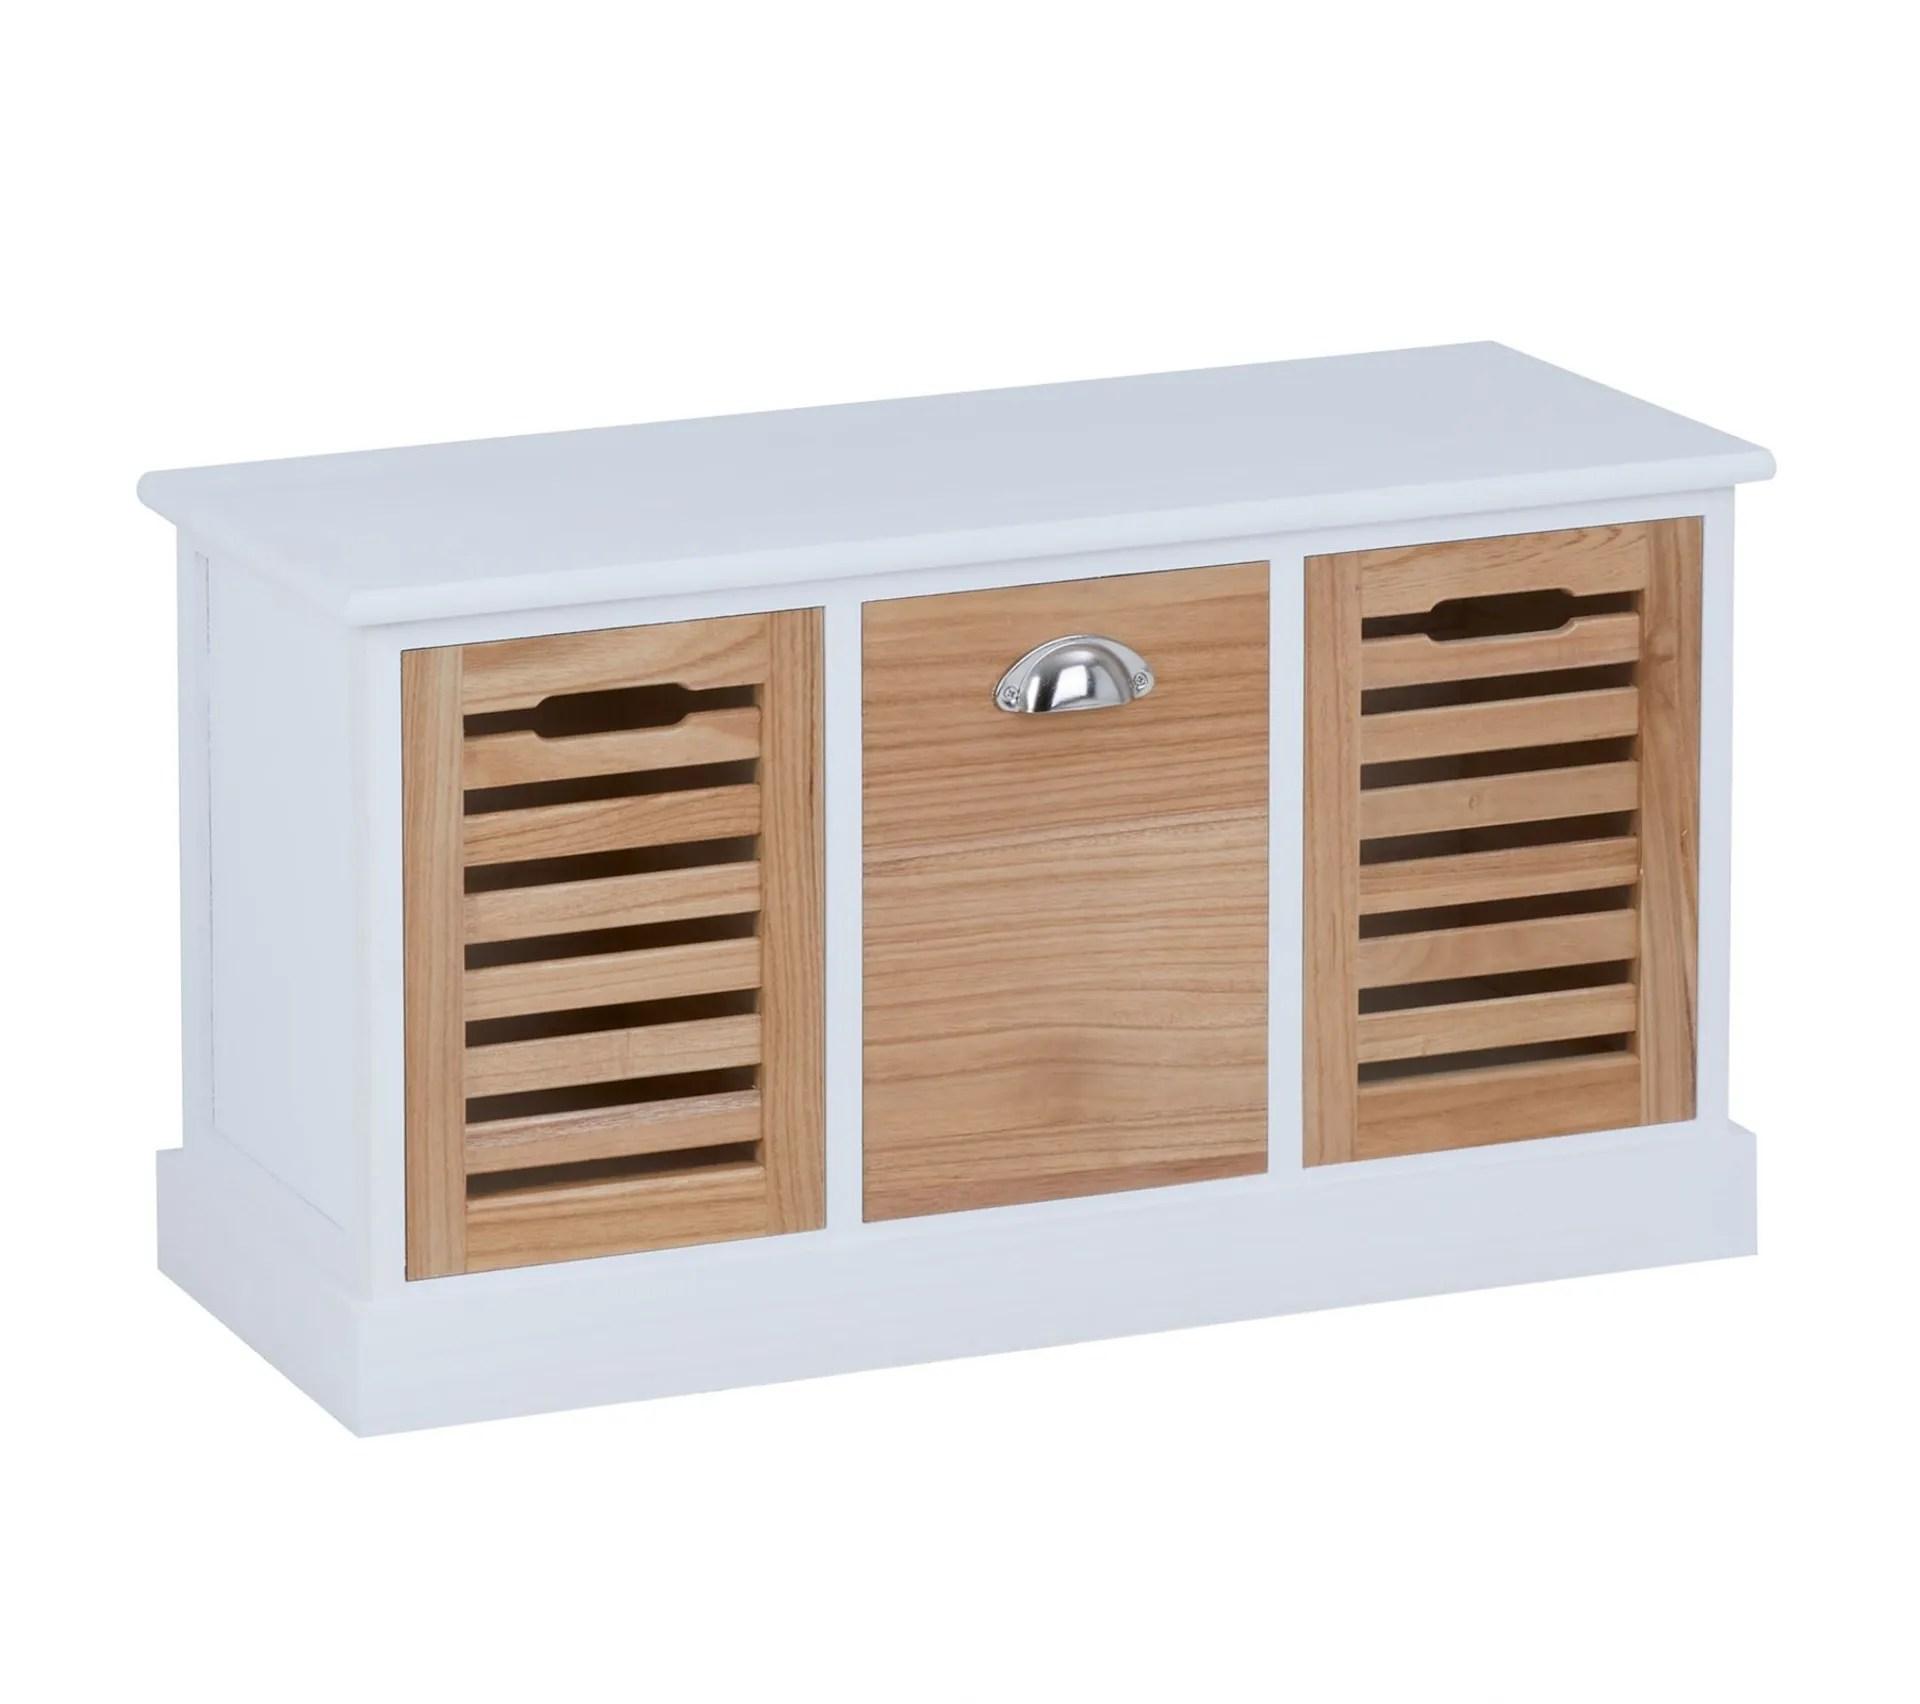 banc de rangement trient 3 caisses blanc et finition bois naturel